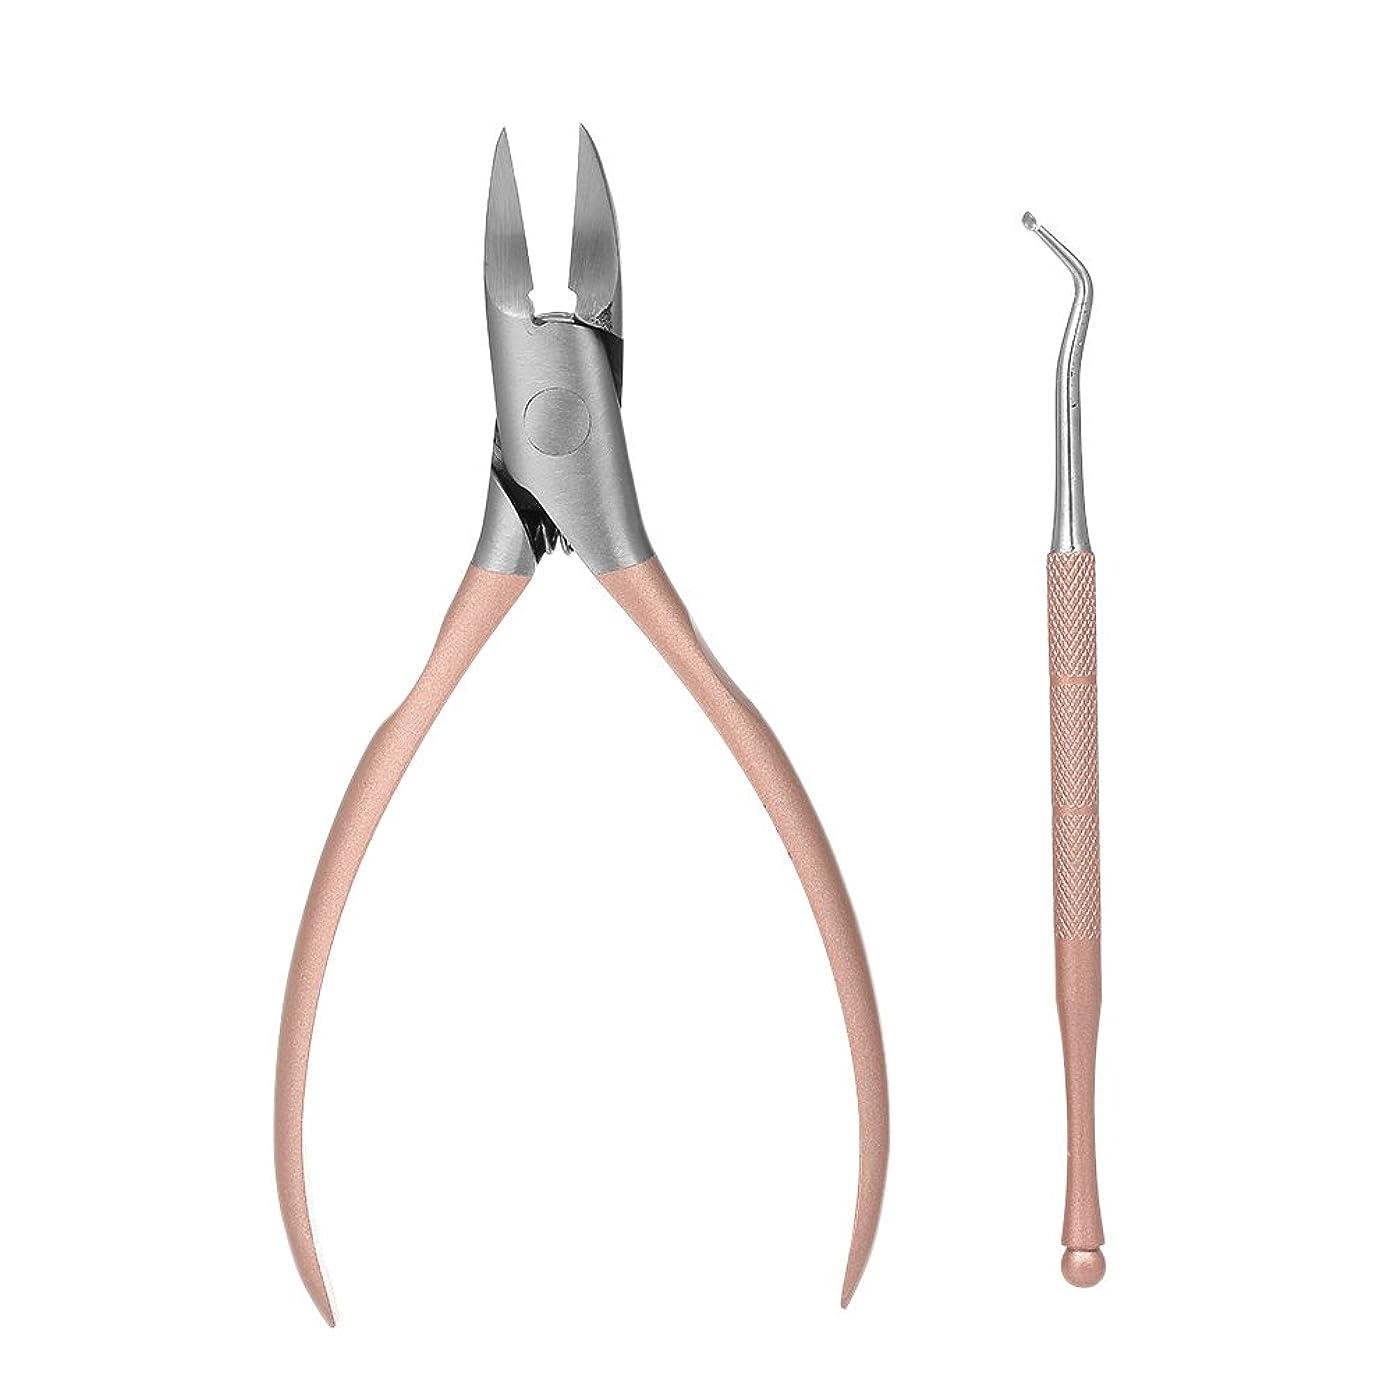 Decdeal 爪クリッパーズ トリムニッパー フットケア 2個/セット